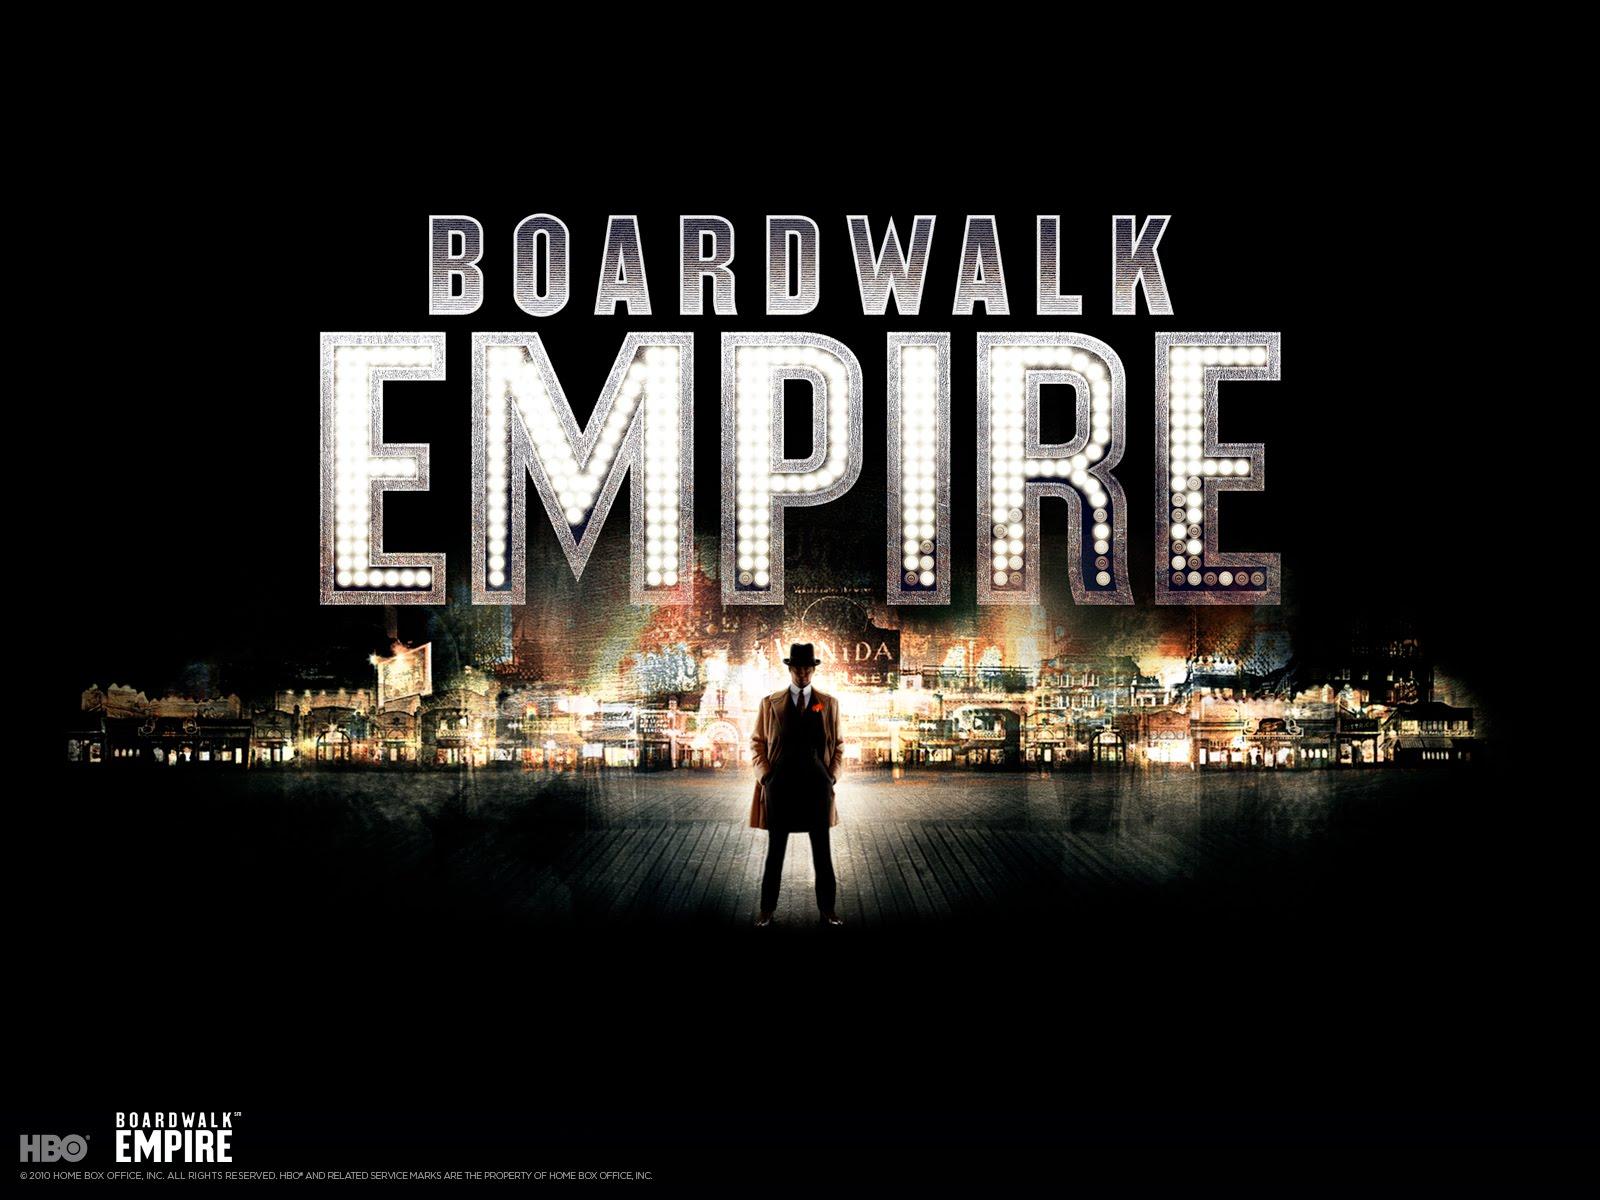 http://4.bp.blogspot.com/_82dR9k0Dc6E/TUchR3BfXfI/AAAAAAAAAu4/Gtu3jf5TBE8/s1600/wallpaper-boardwalk-art-1600.jpg